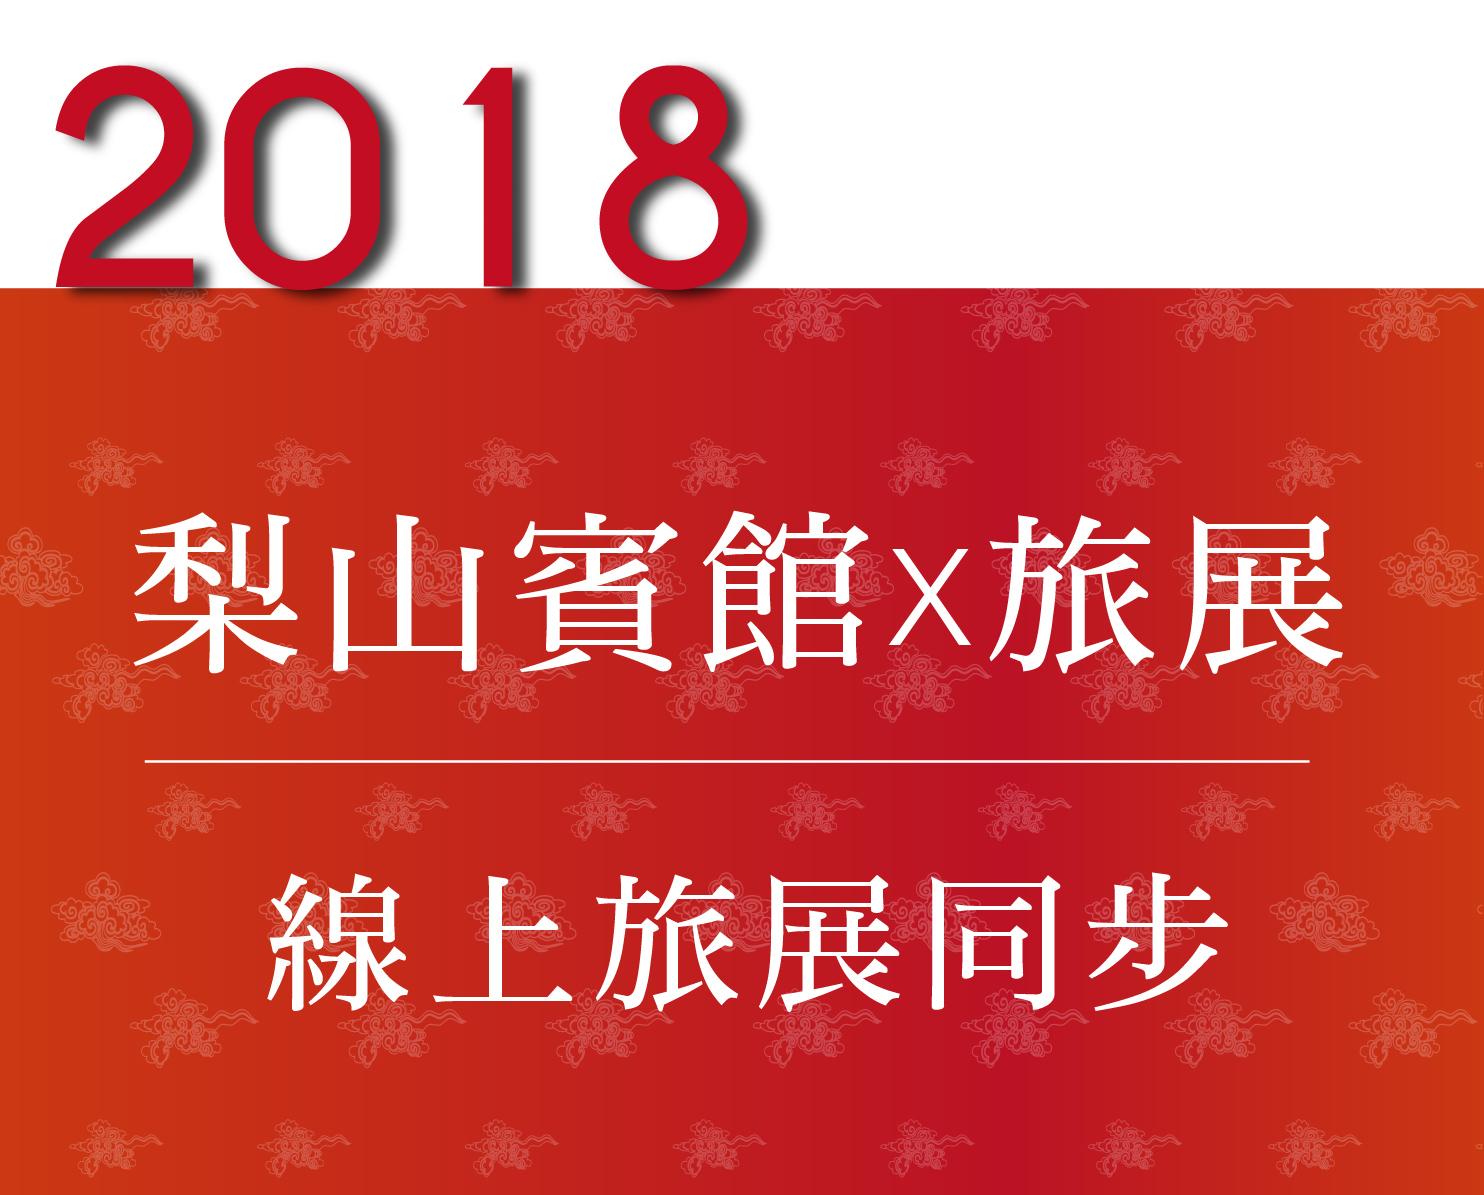 2018高雄、台中國際旅展 線上旅展同步開跑囉!